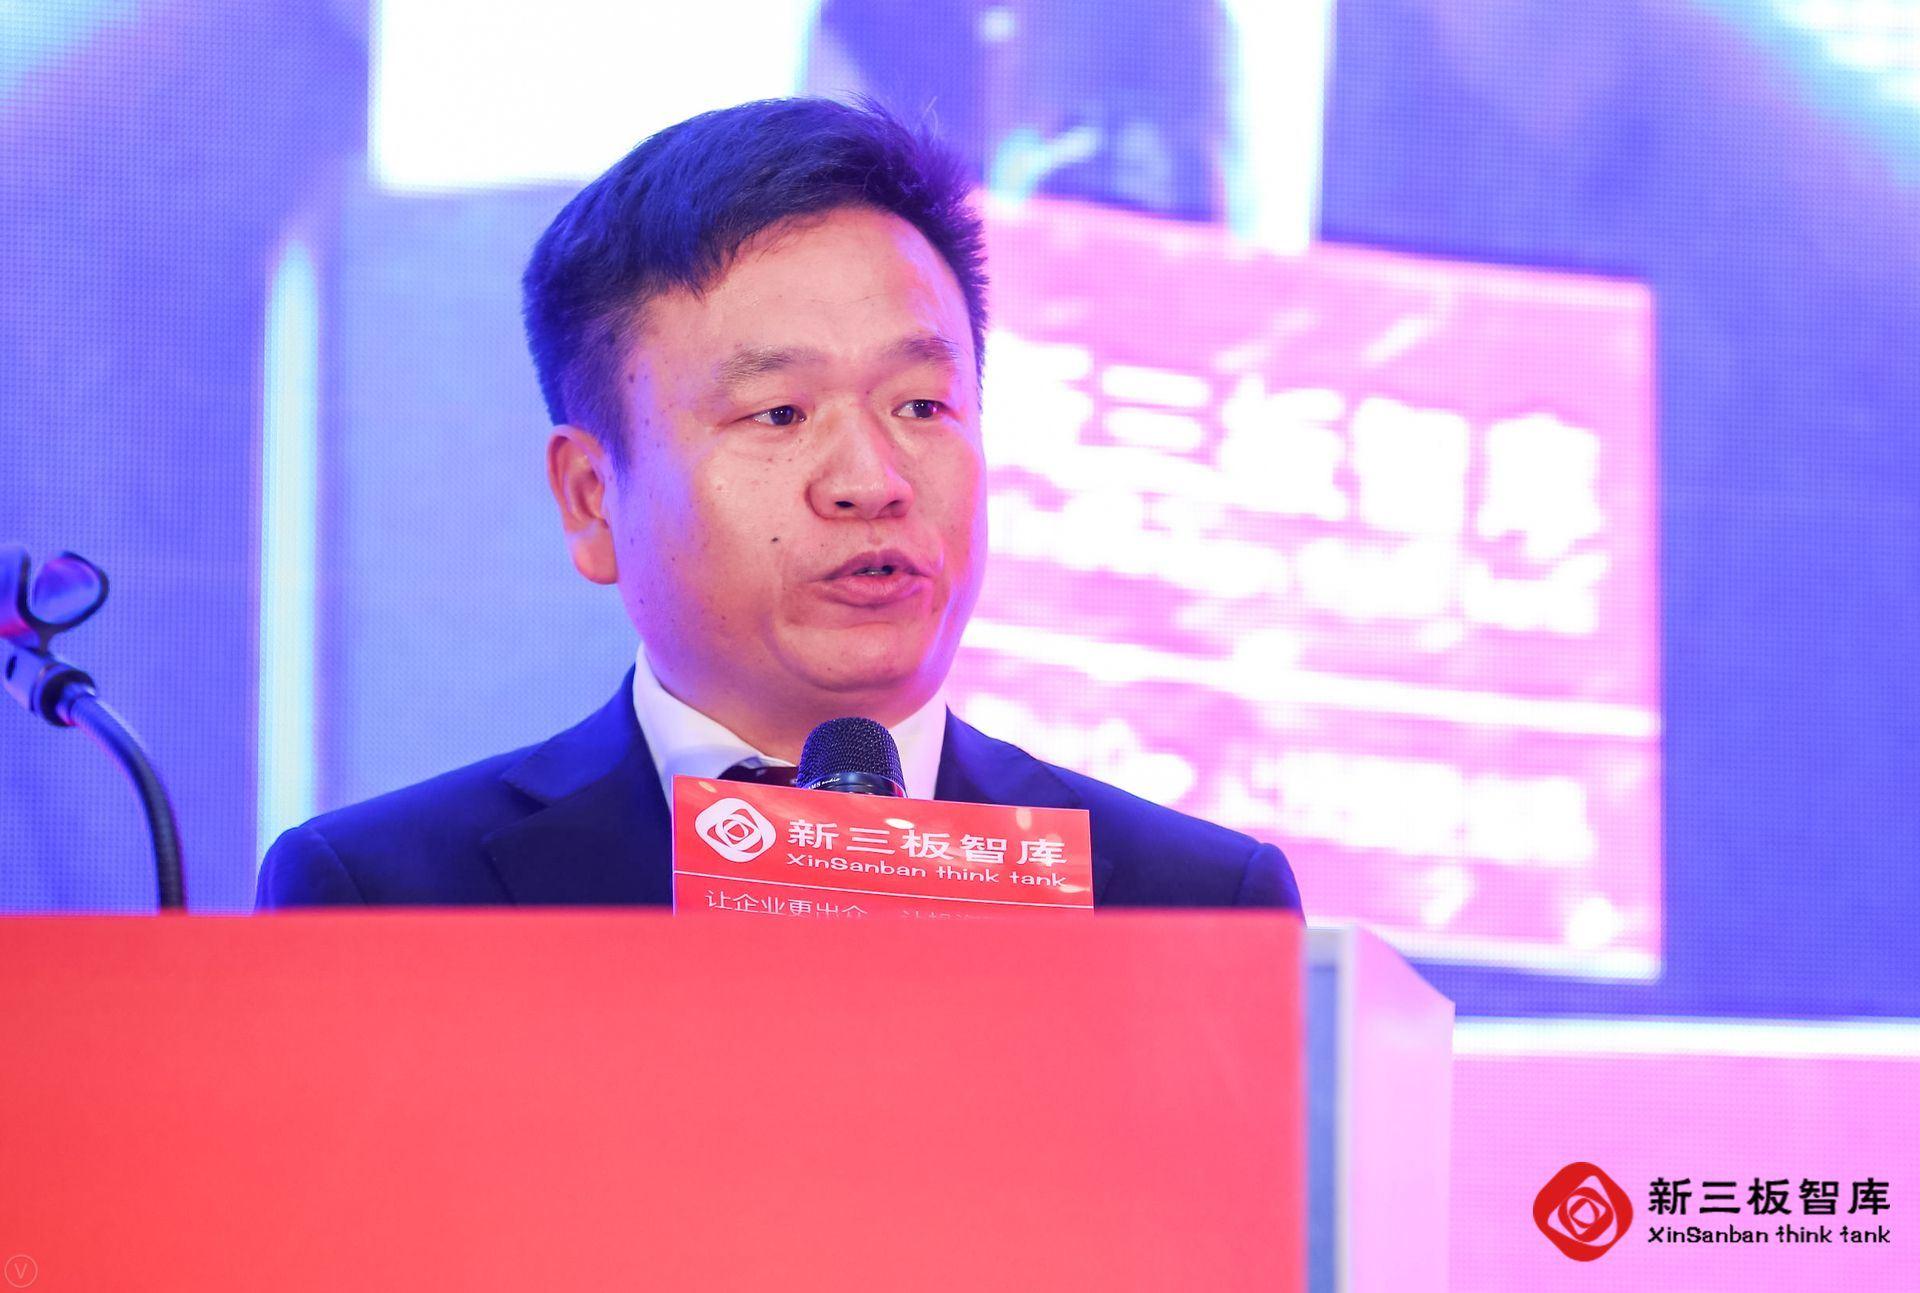 杭州经济技术开发区下沙科技城党工委委员、管委会副主任王永芳先生